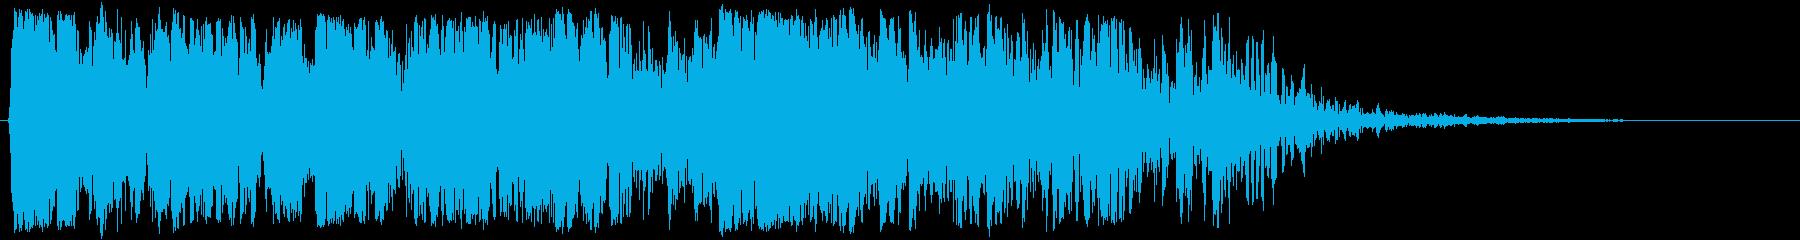 空爆(屋内)01の再生済みの波形